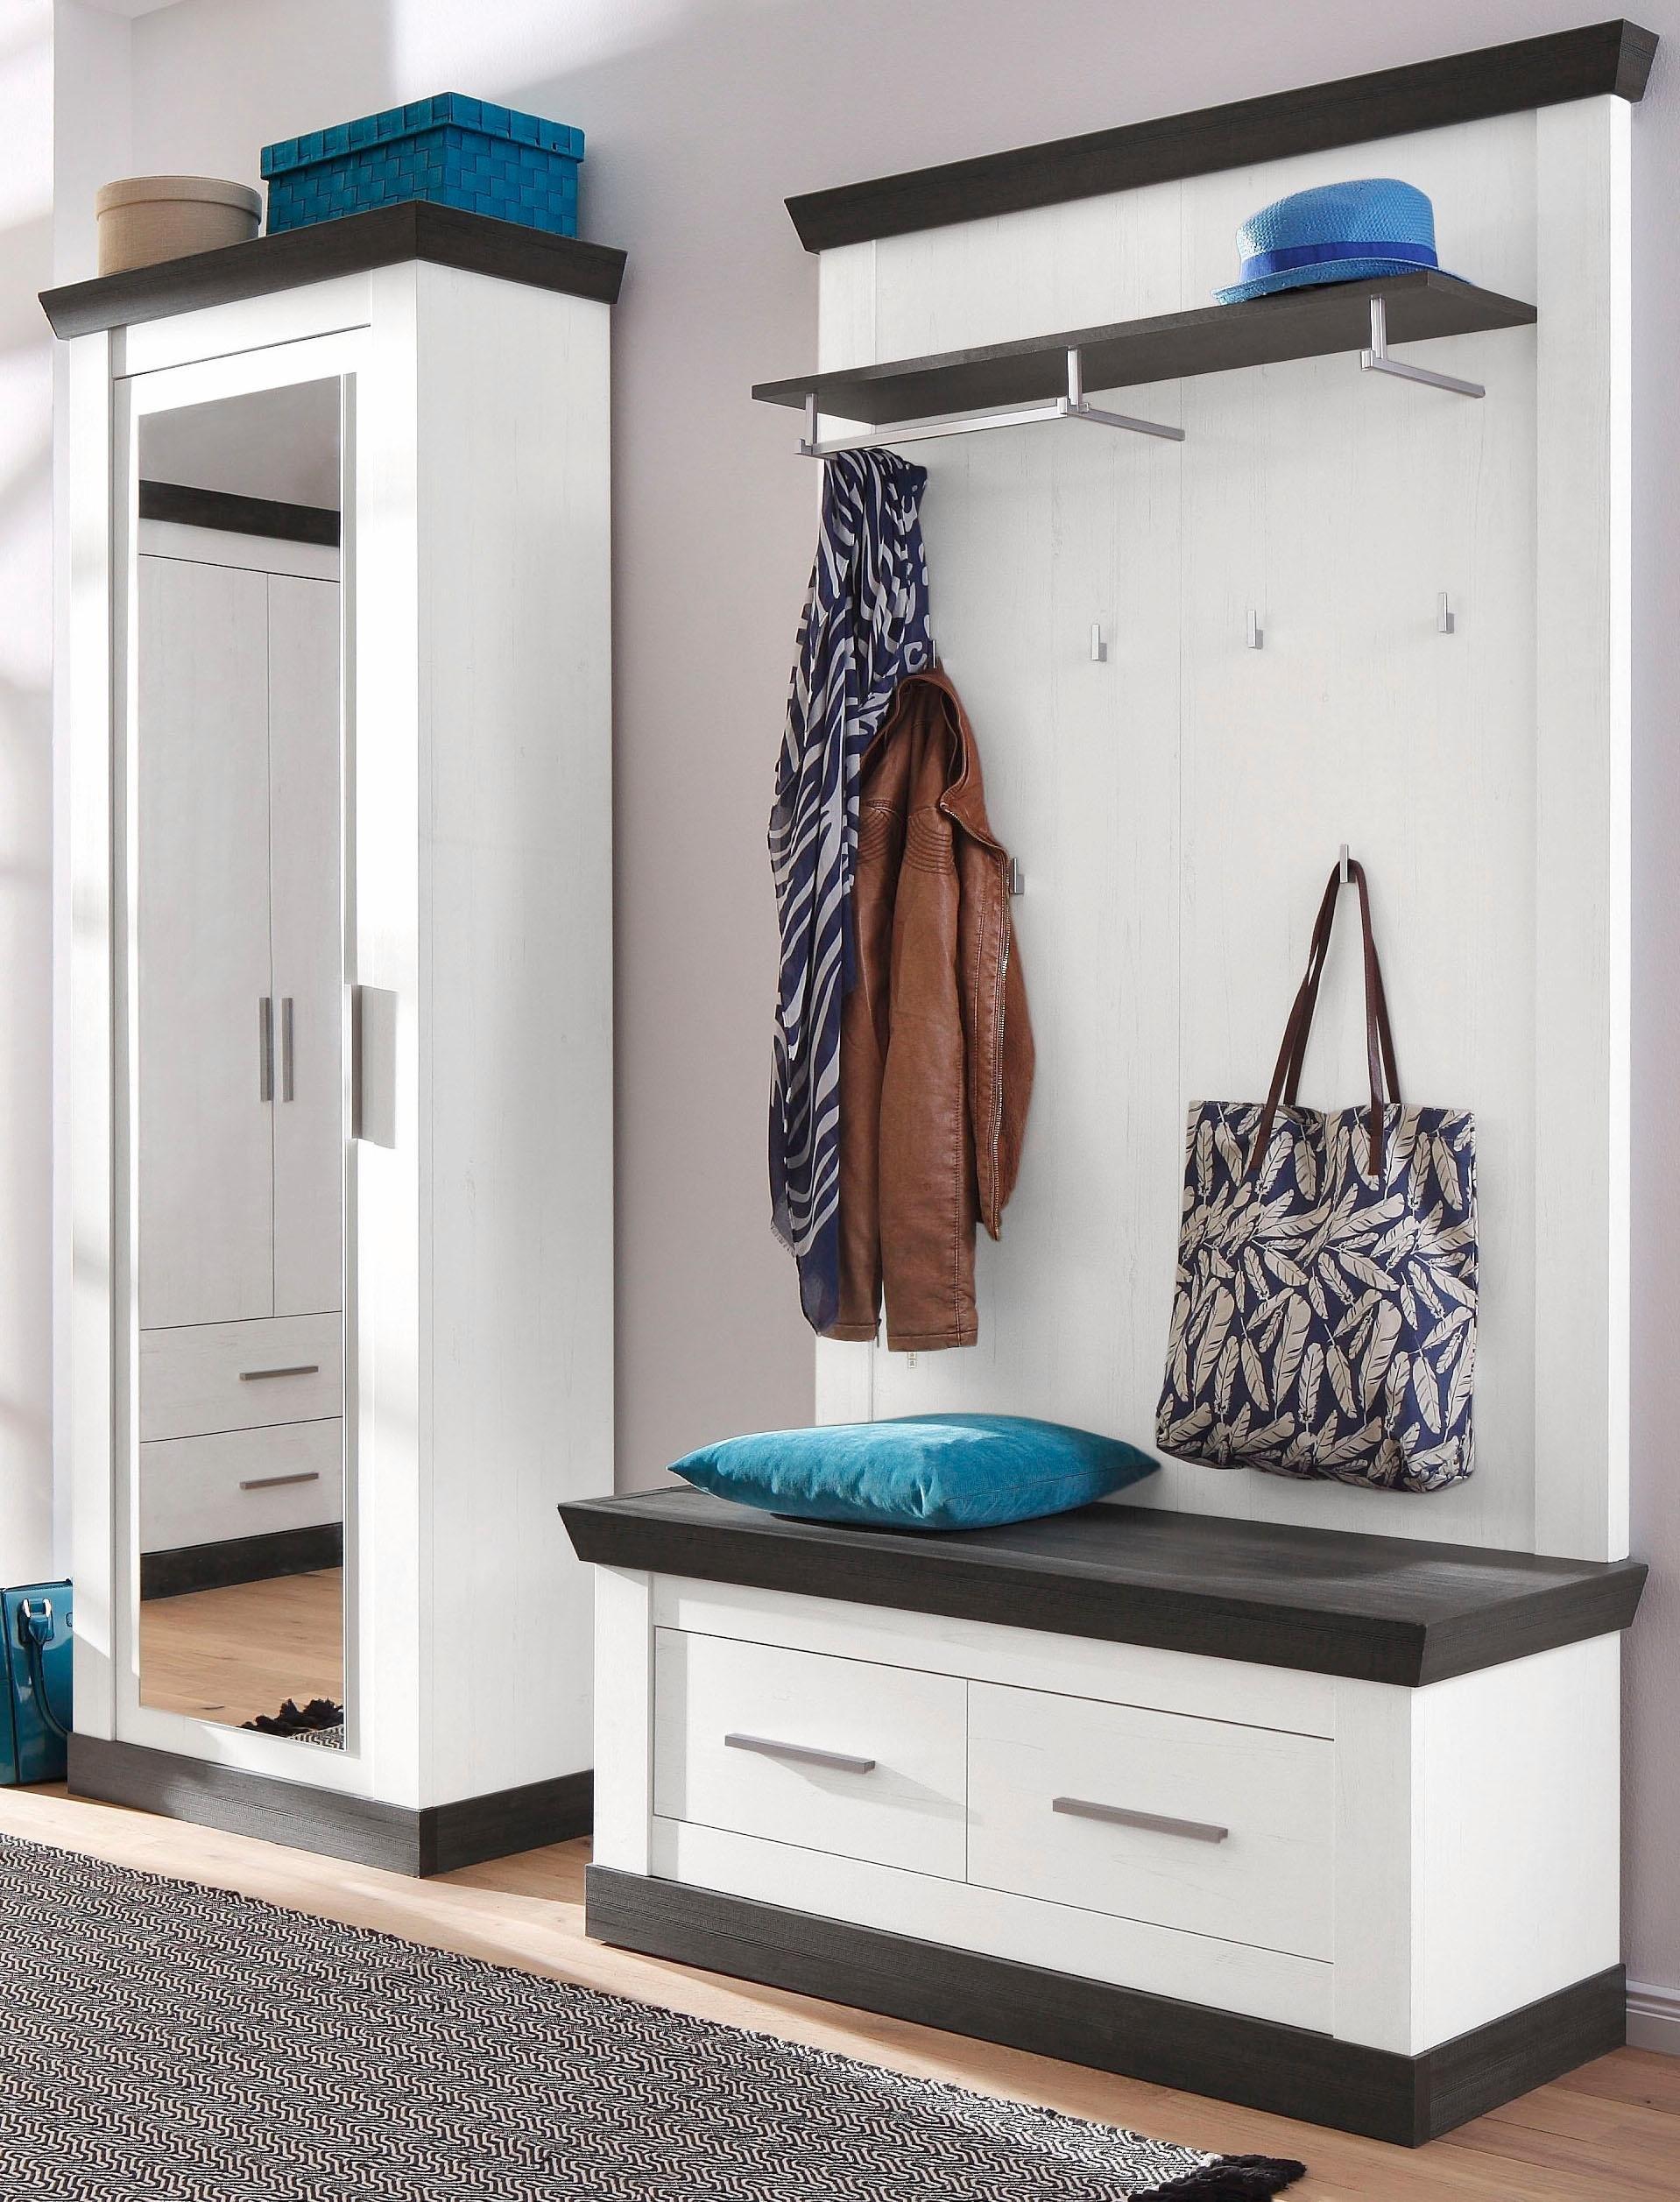 halmeubelsets online shop nu online kopen otto. Black Bedroom Furniture Sets. Home Design Ideas